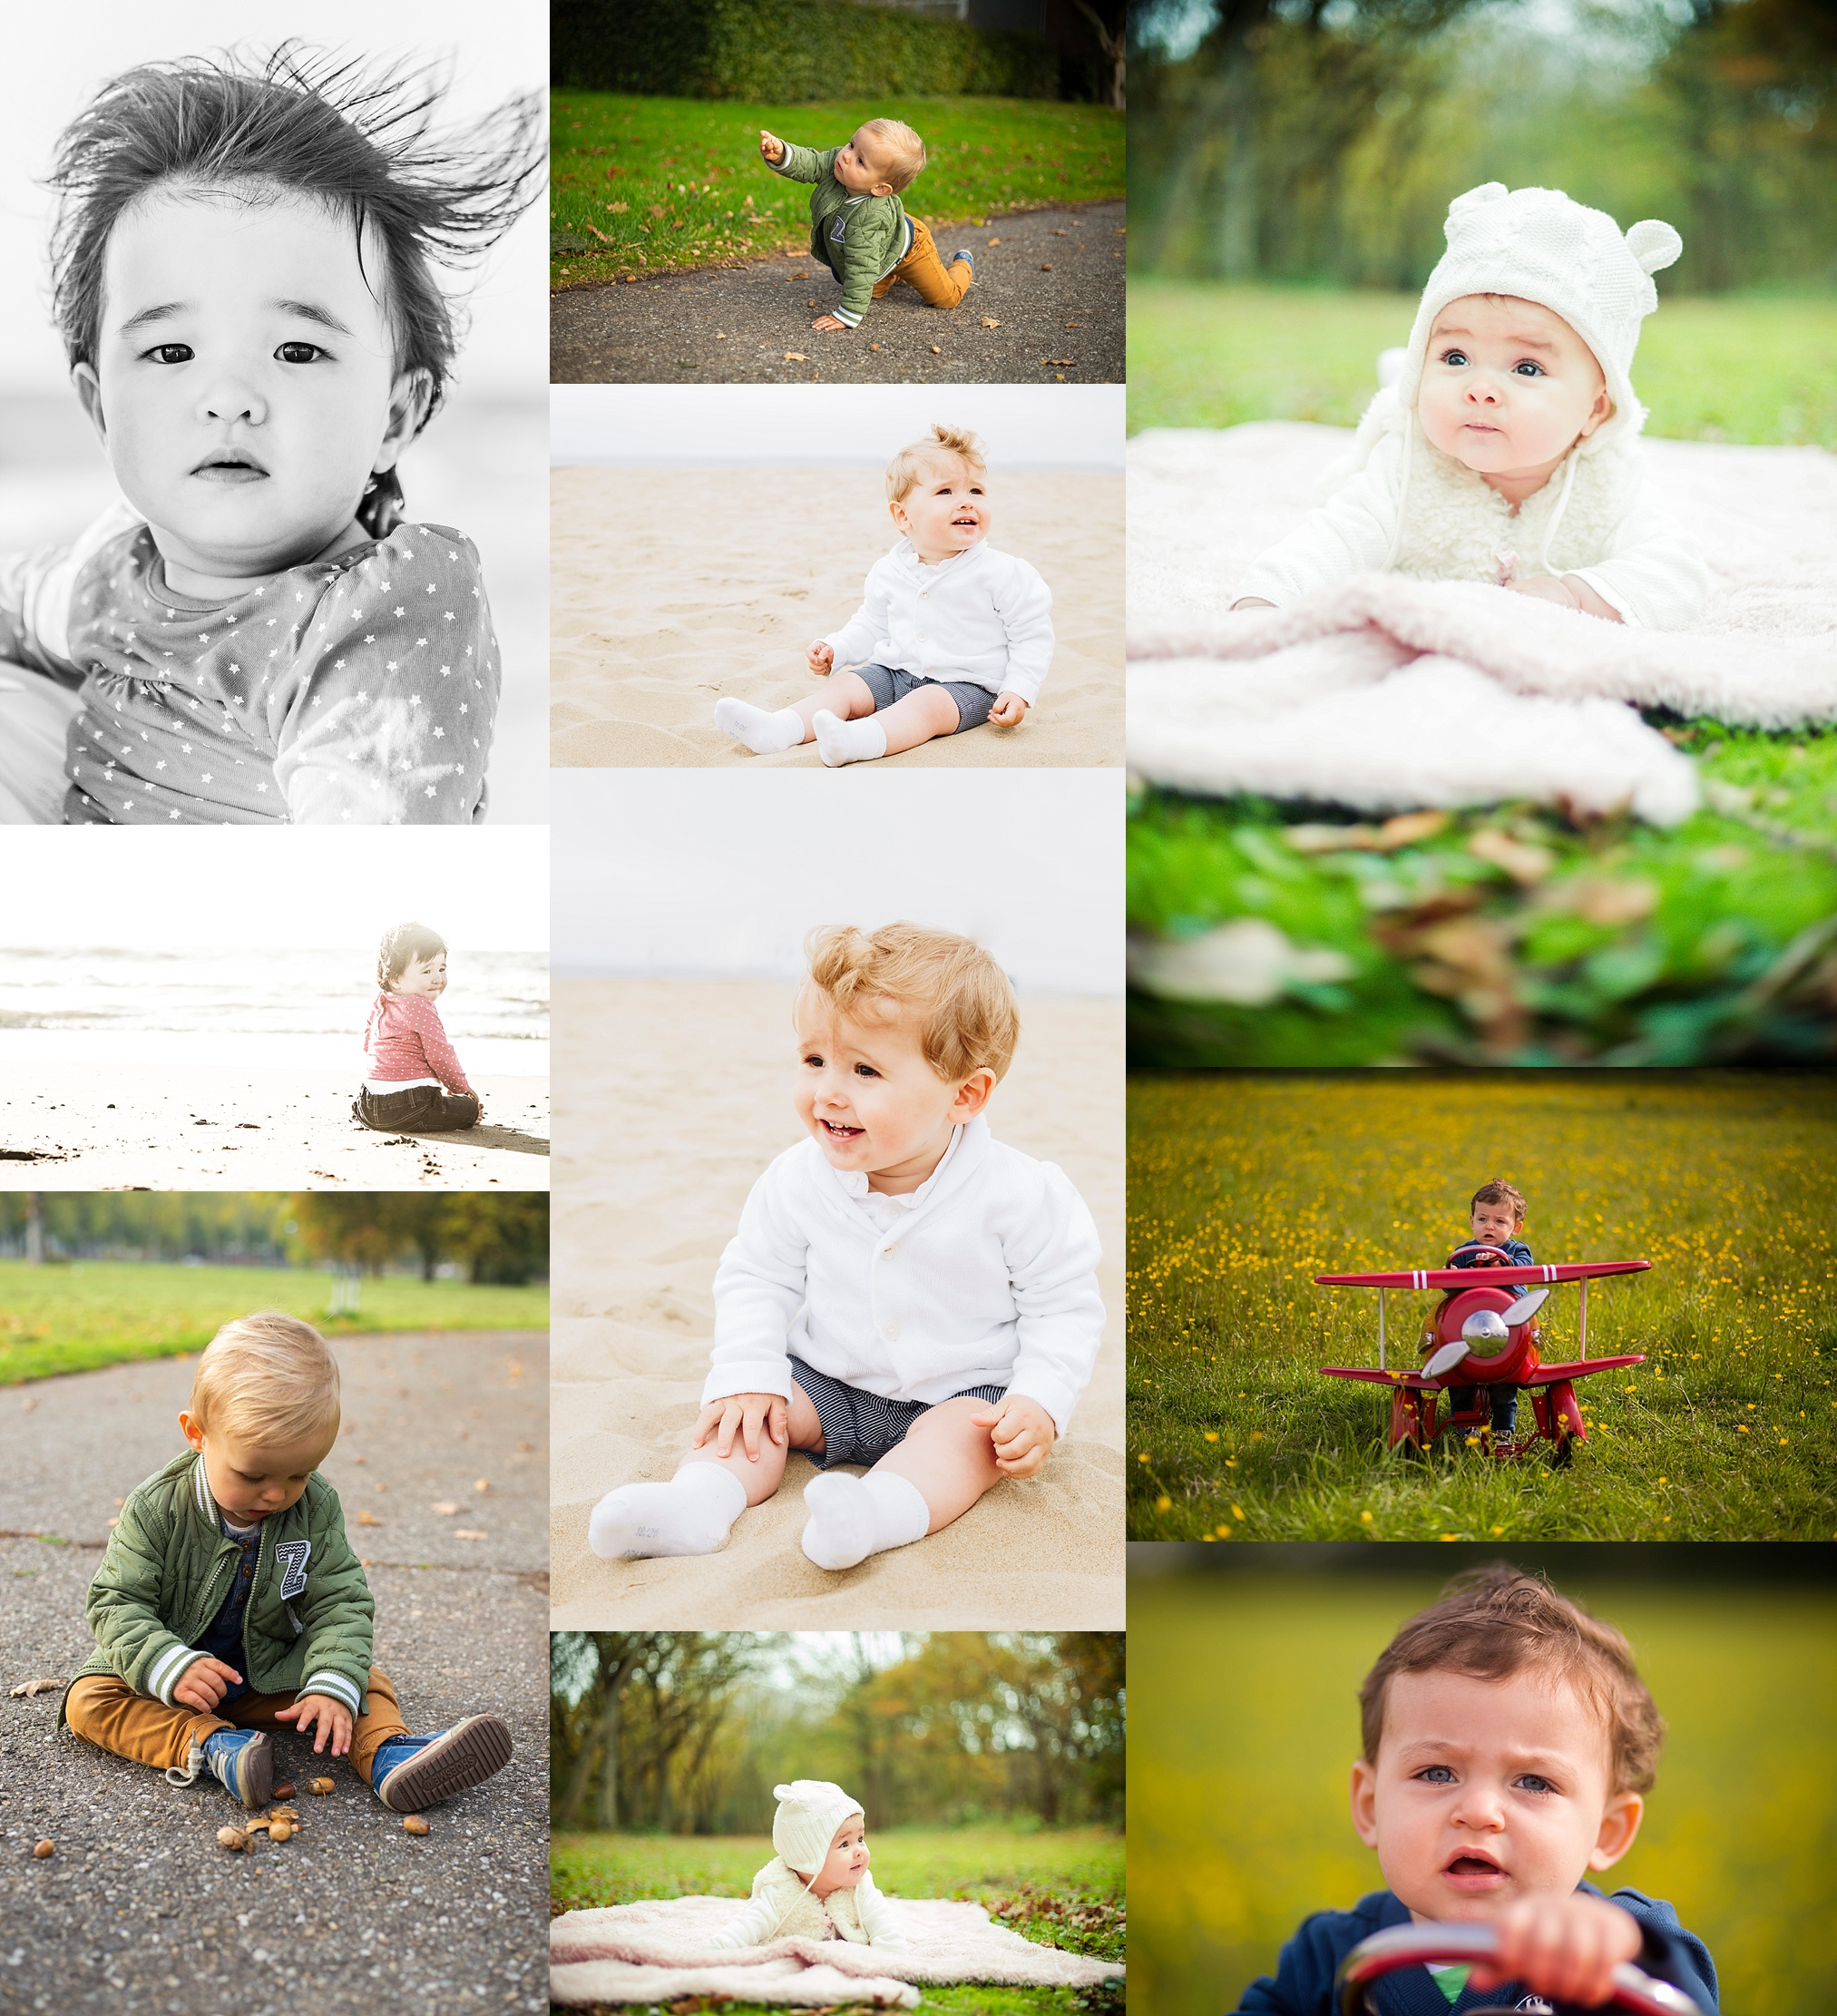 Baby fotografie tot 1 jaar